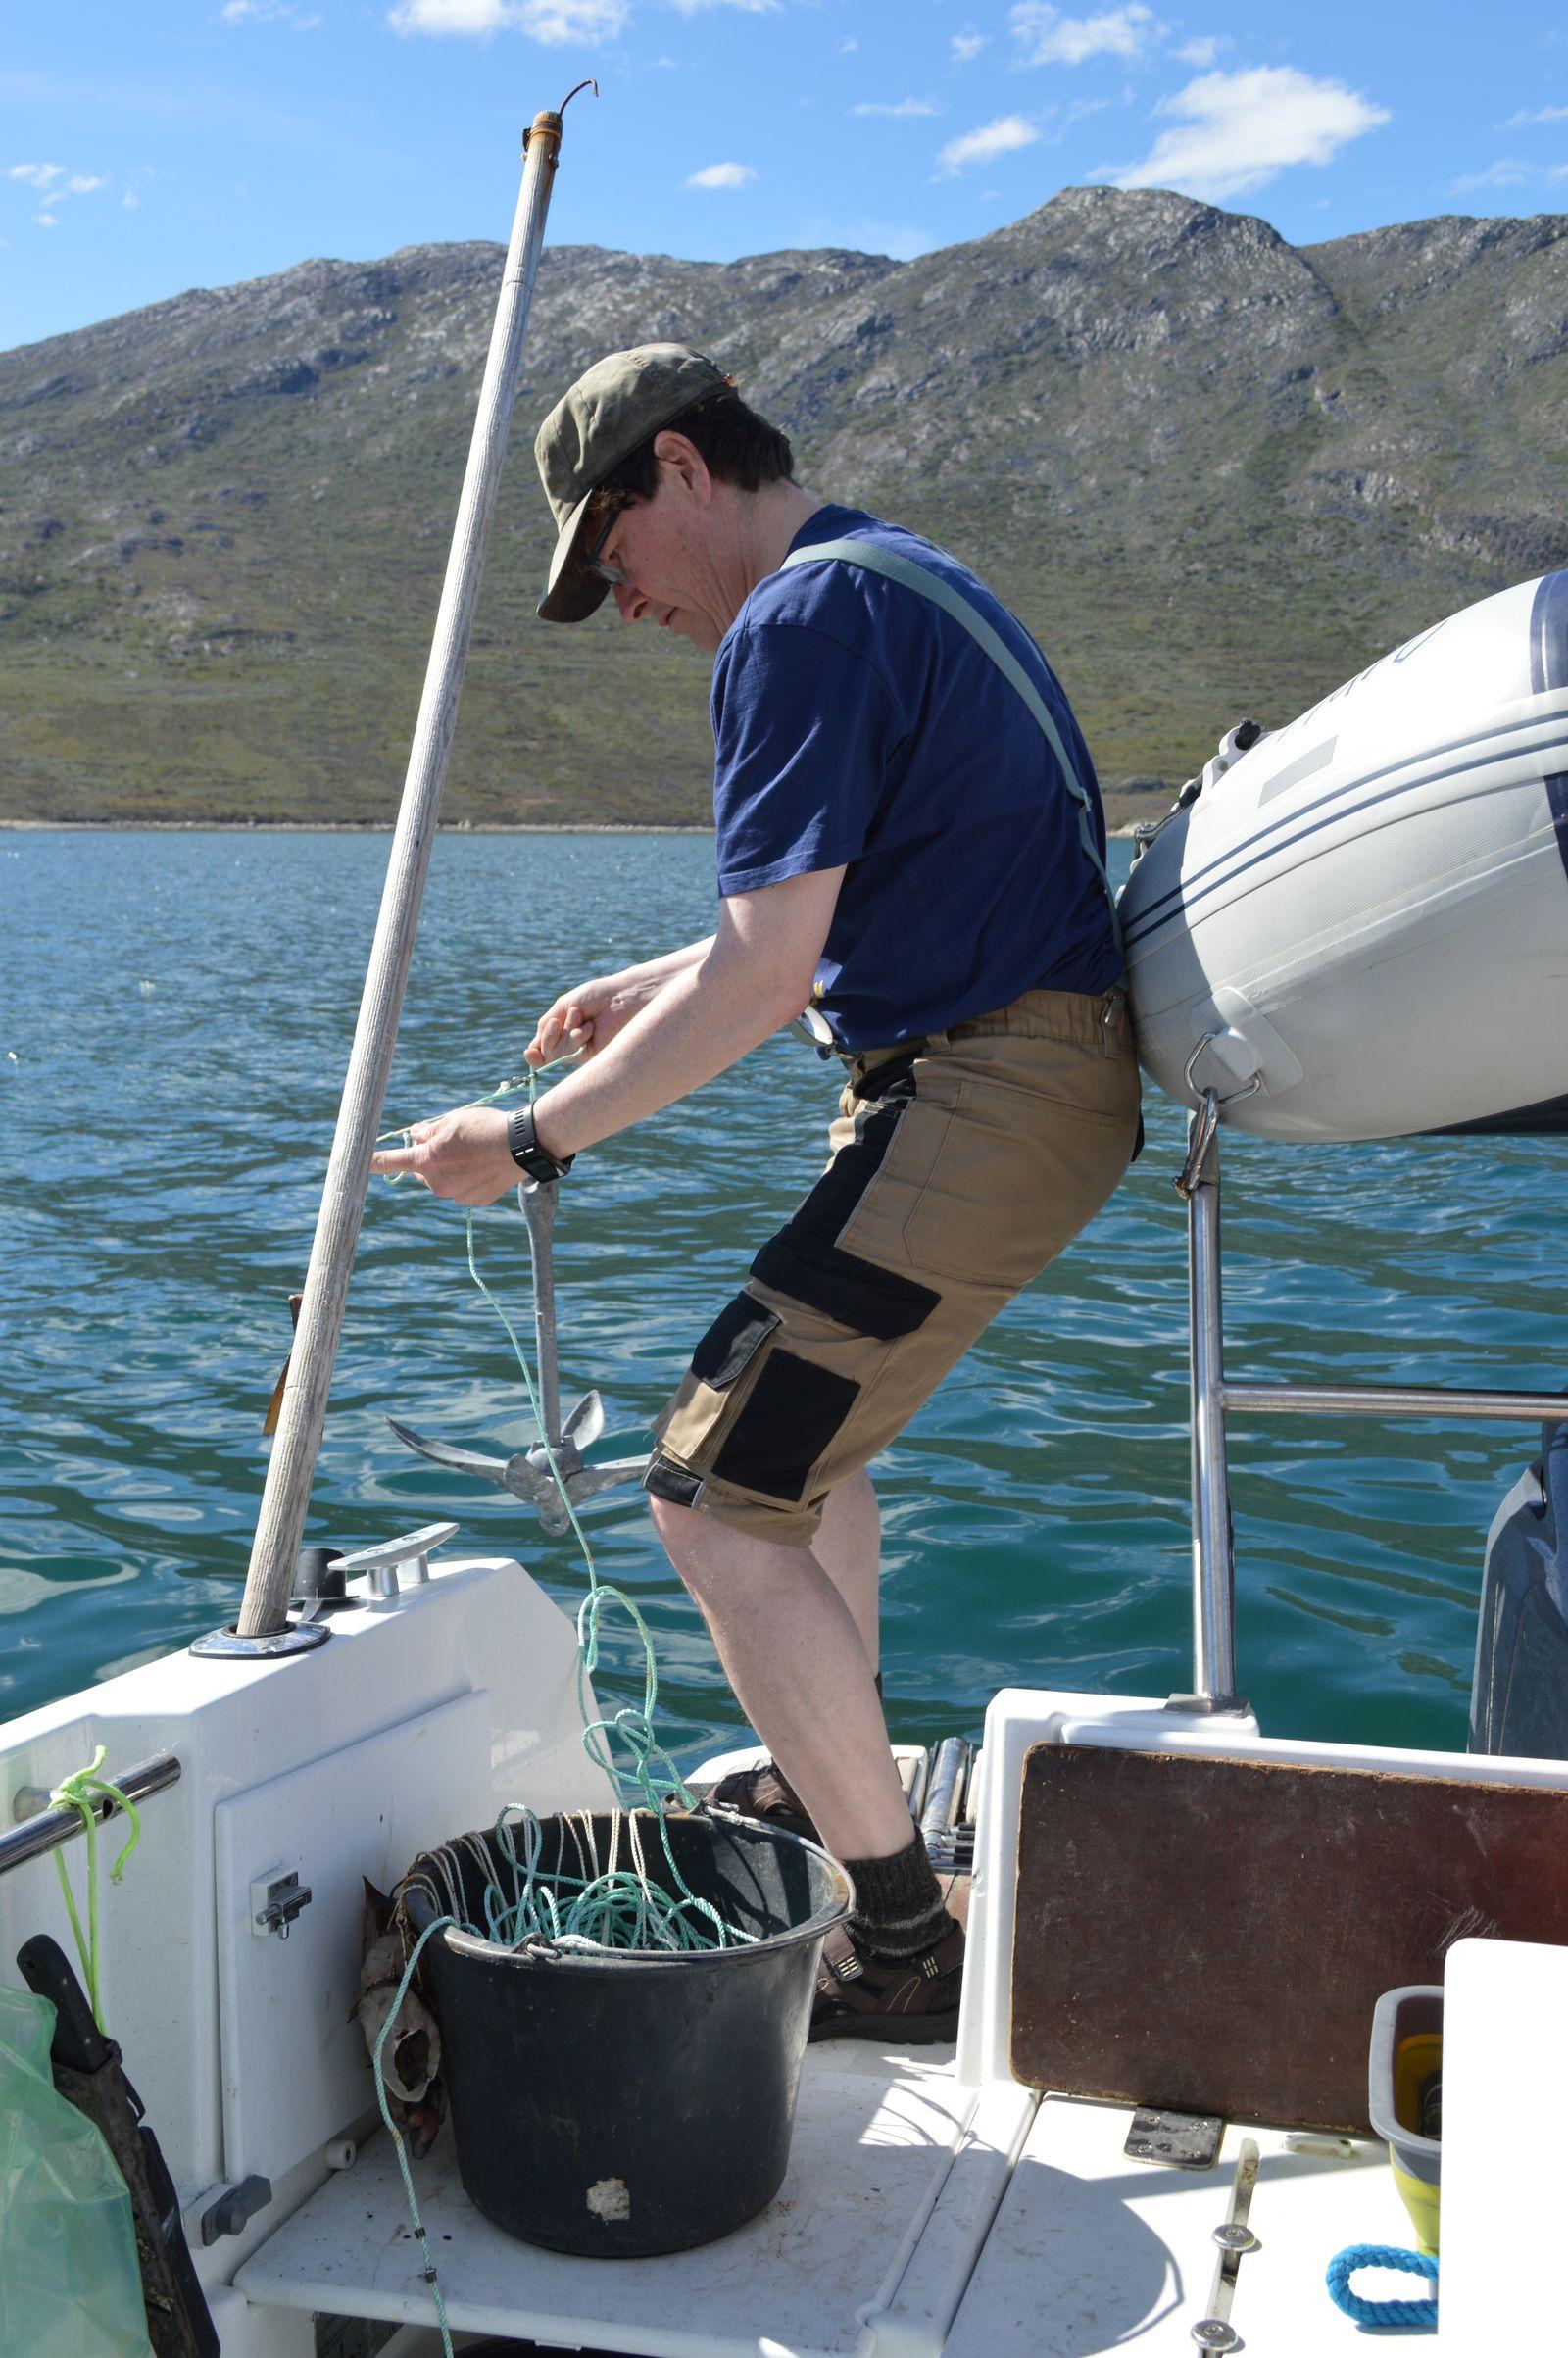 Sejltur til Eqaluit Ilorliit -Snellen gøres klar og sættes